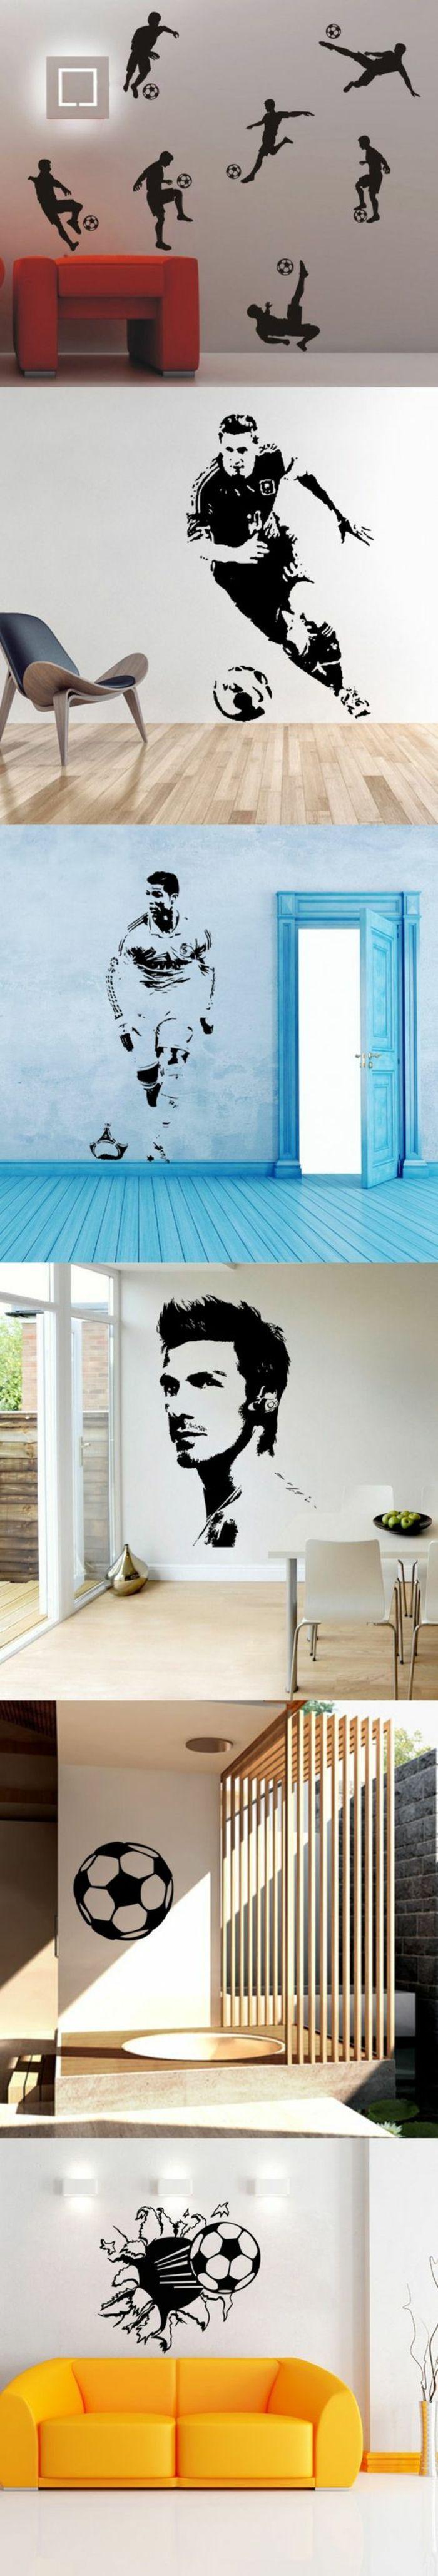 chambre ado lit ado deco sur le thème du football ave des couleurs vives sur les murs et les portes